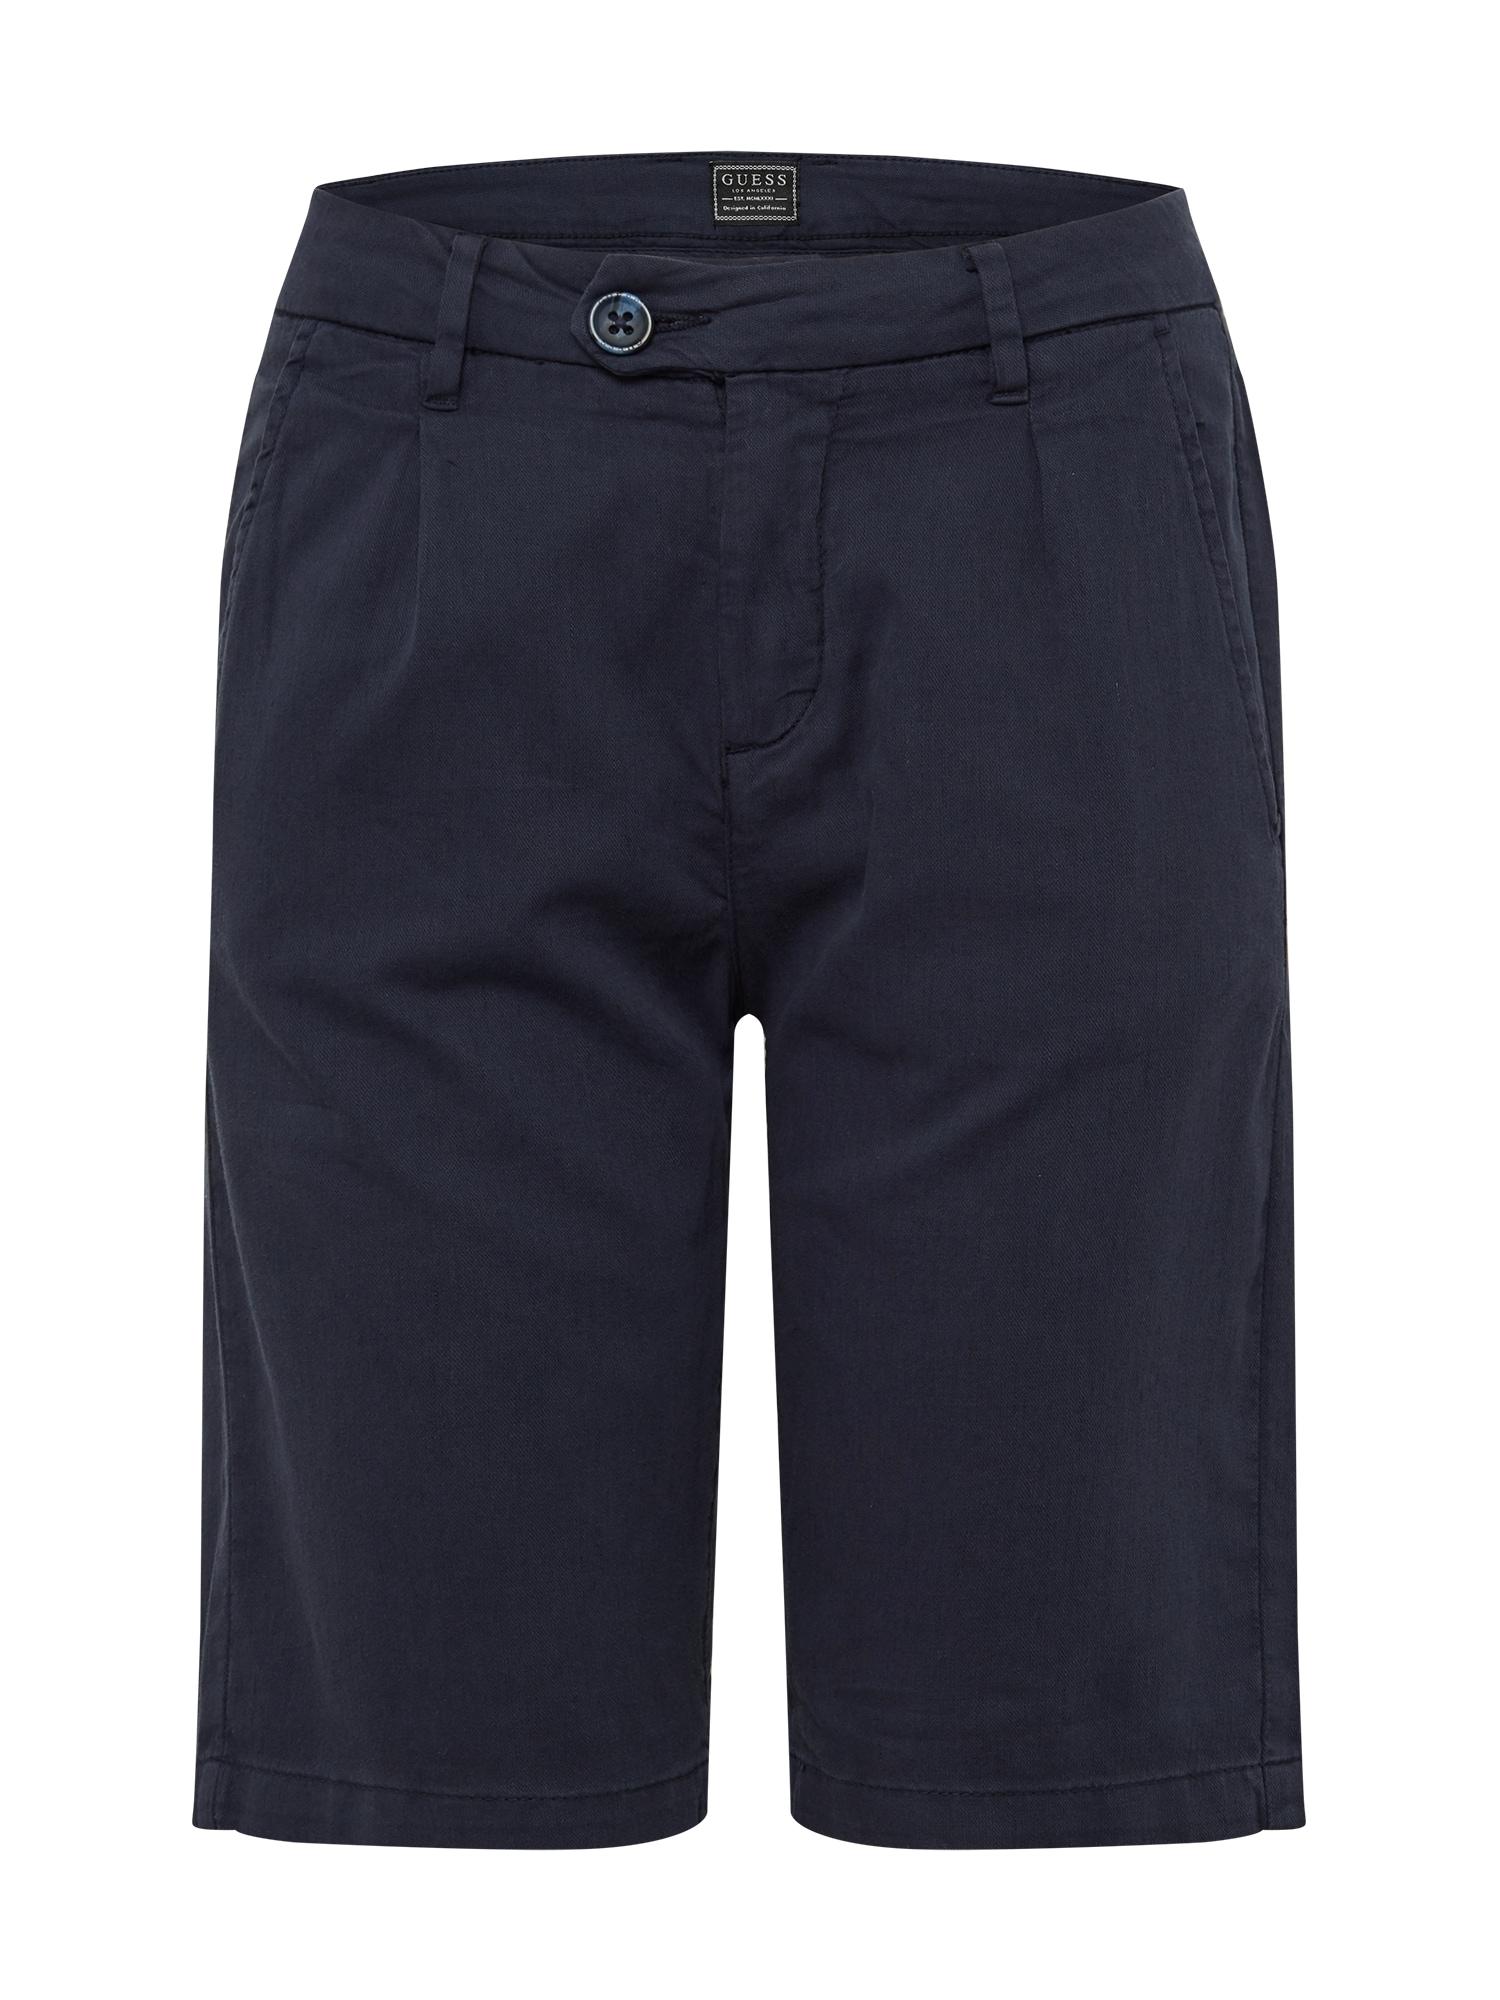 GUESS Kelnės 'BRANDO' tamsiai mėlyna